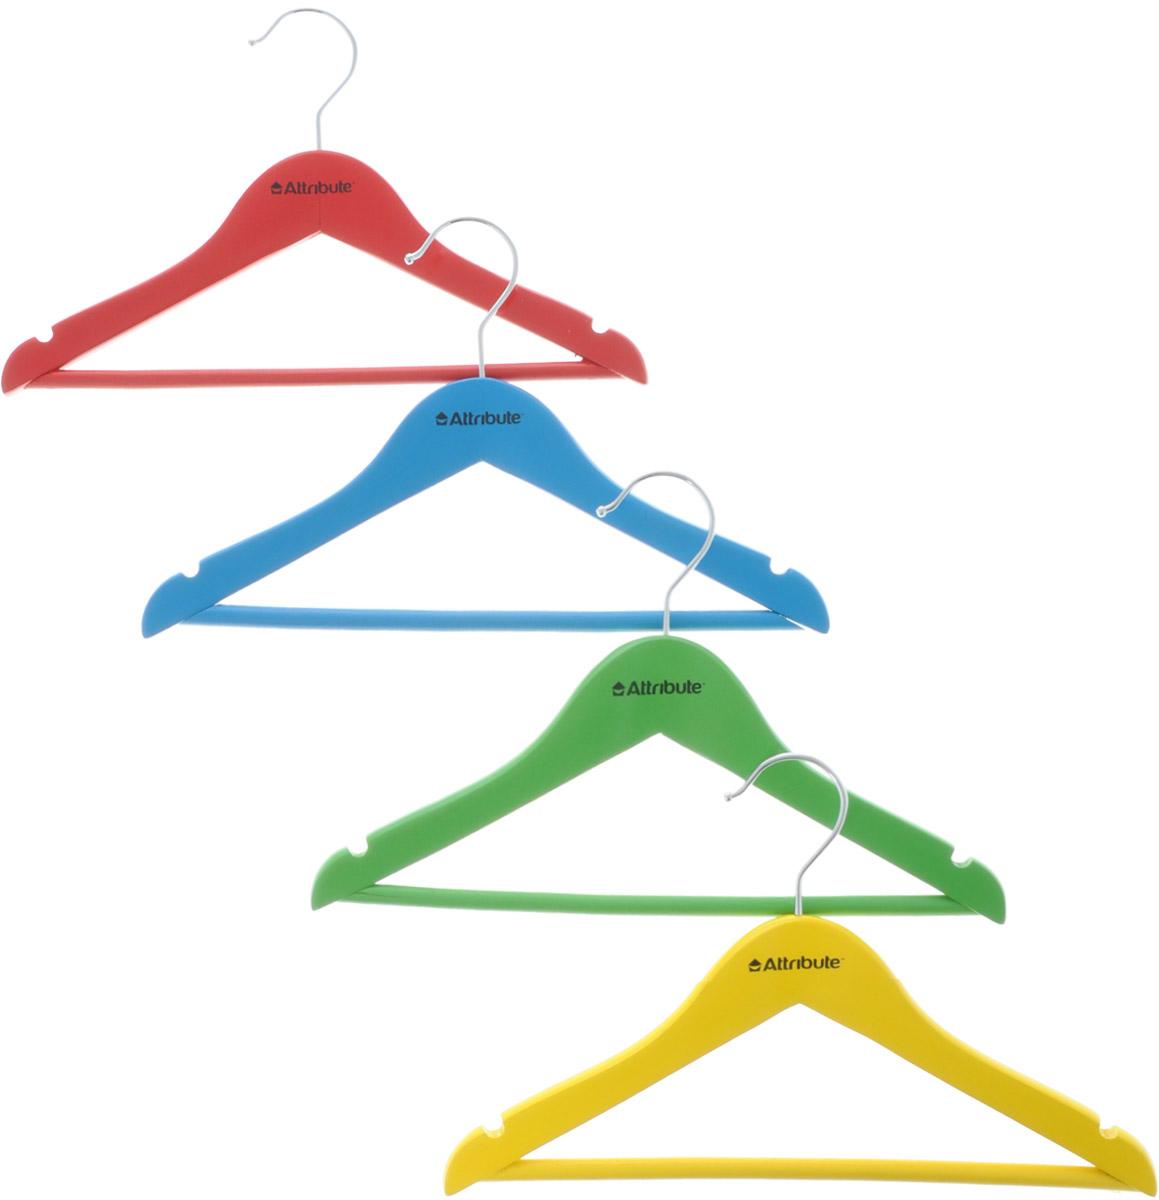 Набор детских вешалок Attribute Hanger Home, длина 30 см, 4 шт набор вешалок для одежды home queen клубничка цвет красный голубой фиолетовый 3 шт